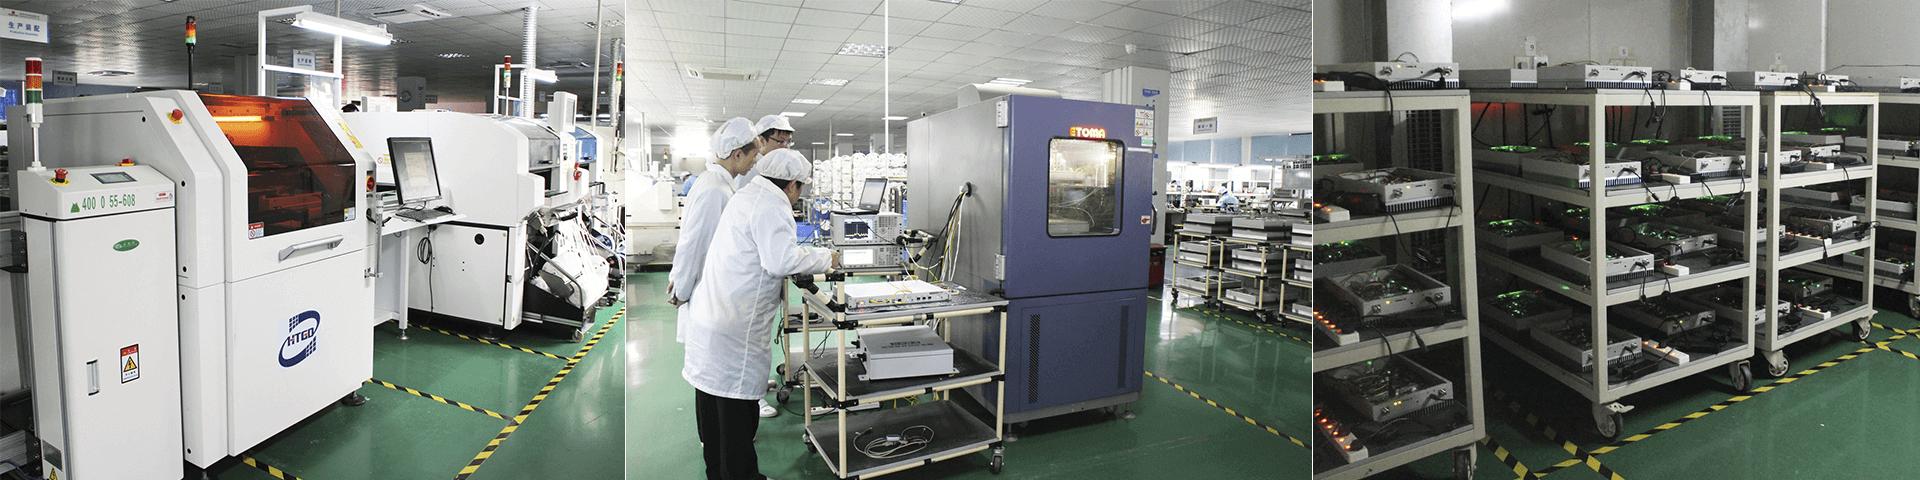 hiboost-manufacture1-1